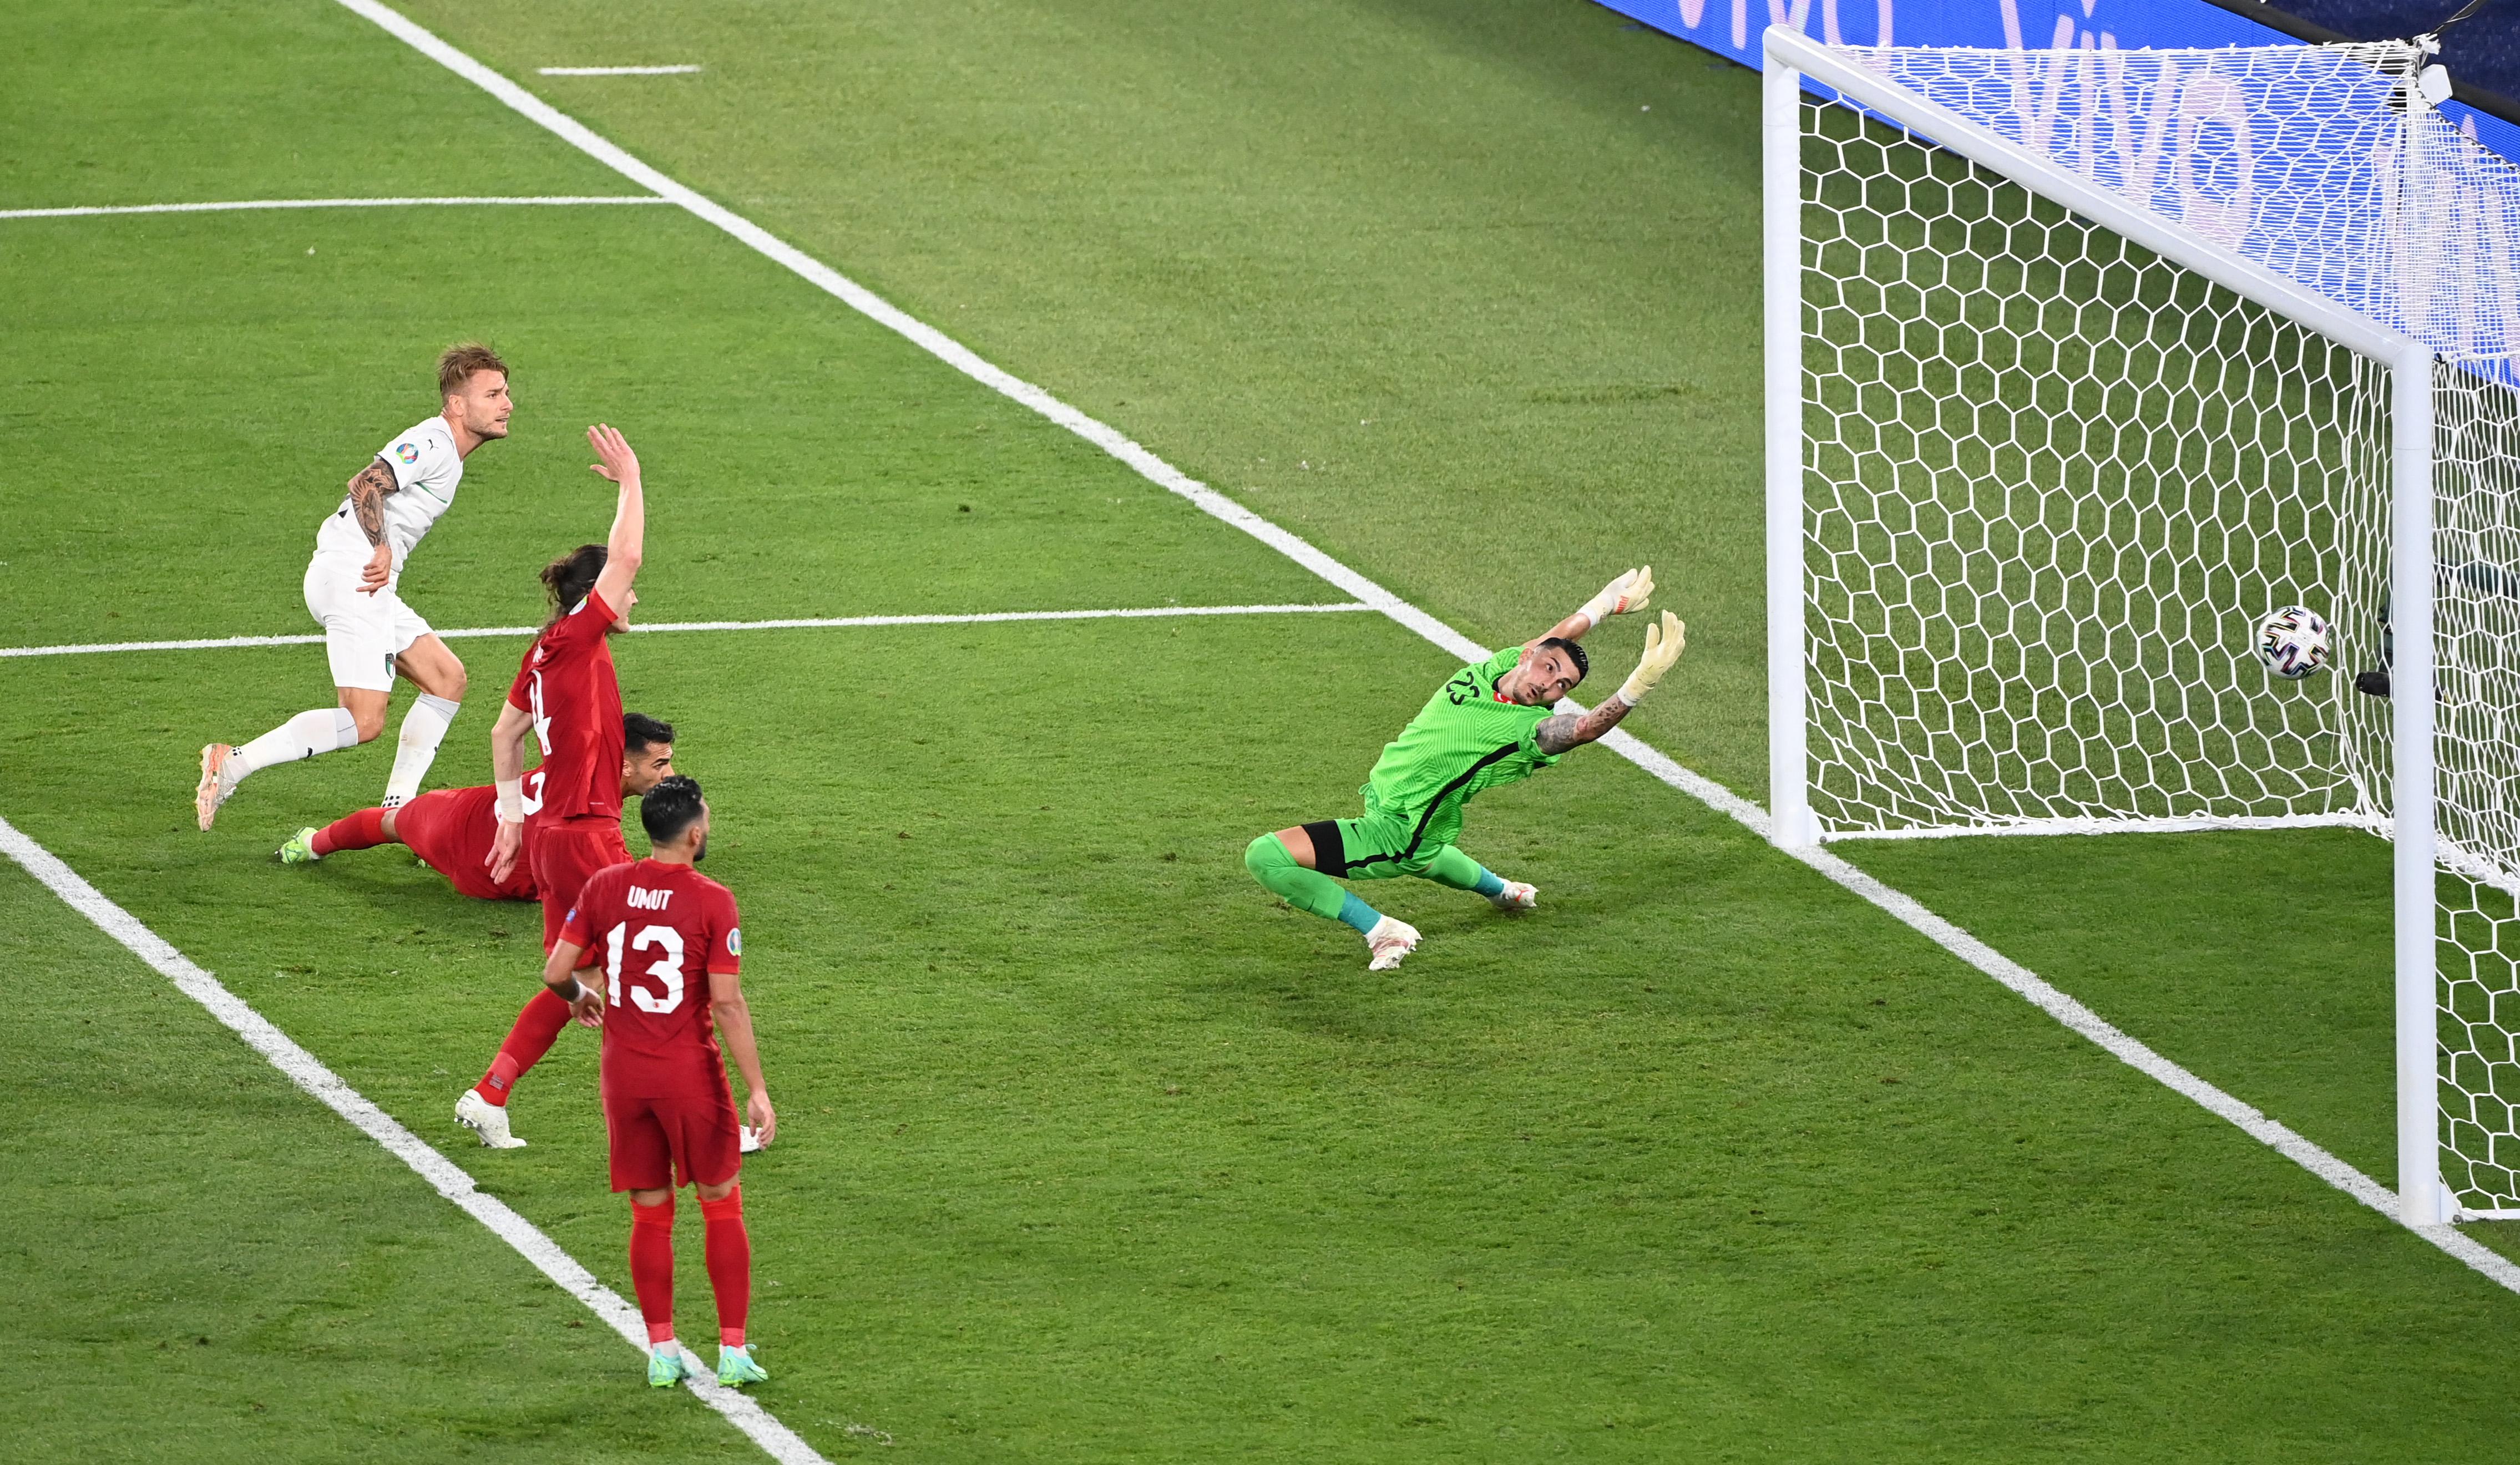 Nagyon sima olasz győzelemmel indult az Európa-bajnokság